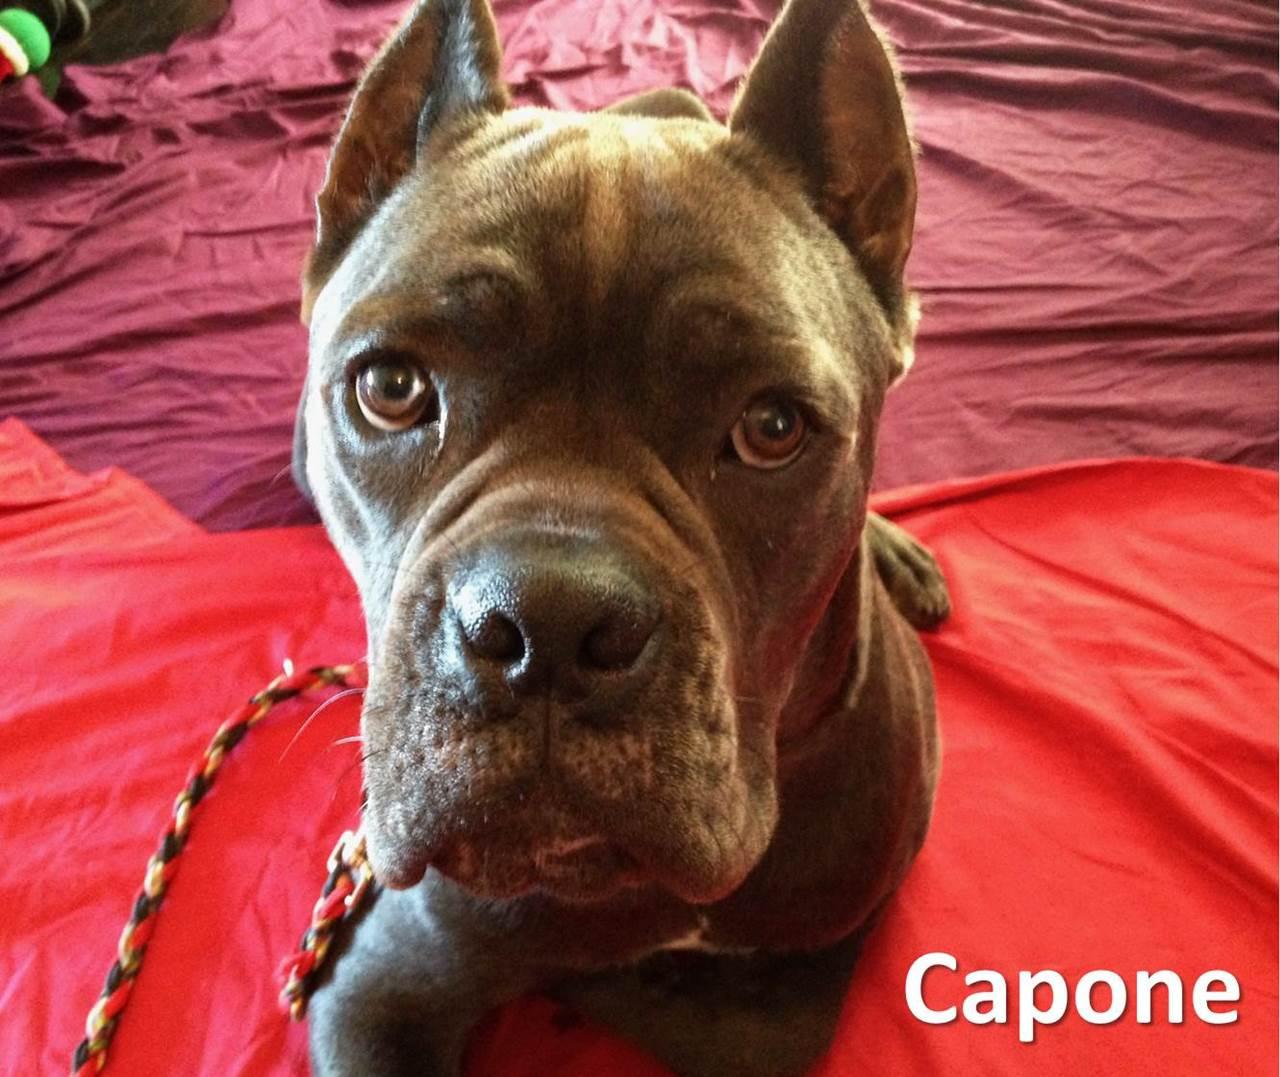 dog on dog aggression rehabilitation training